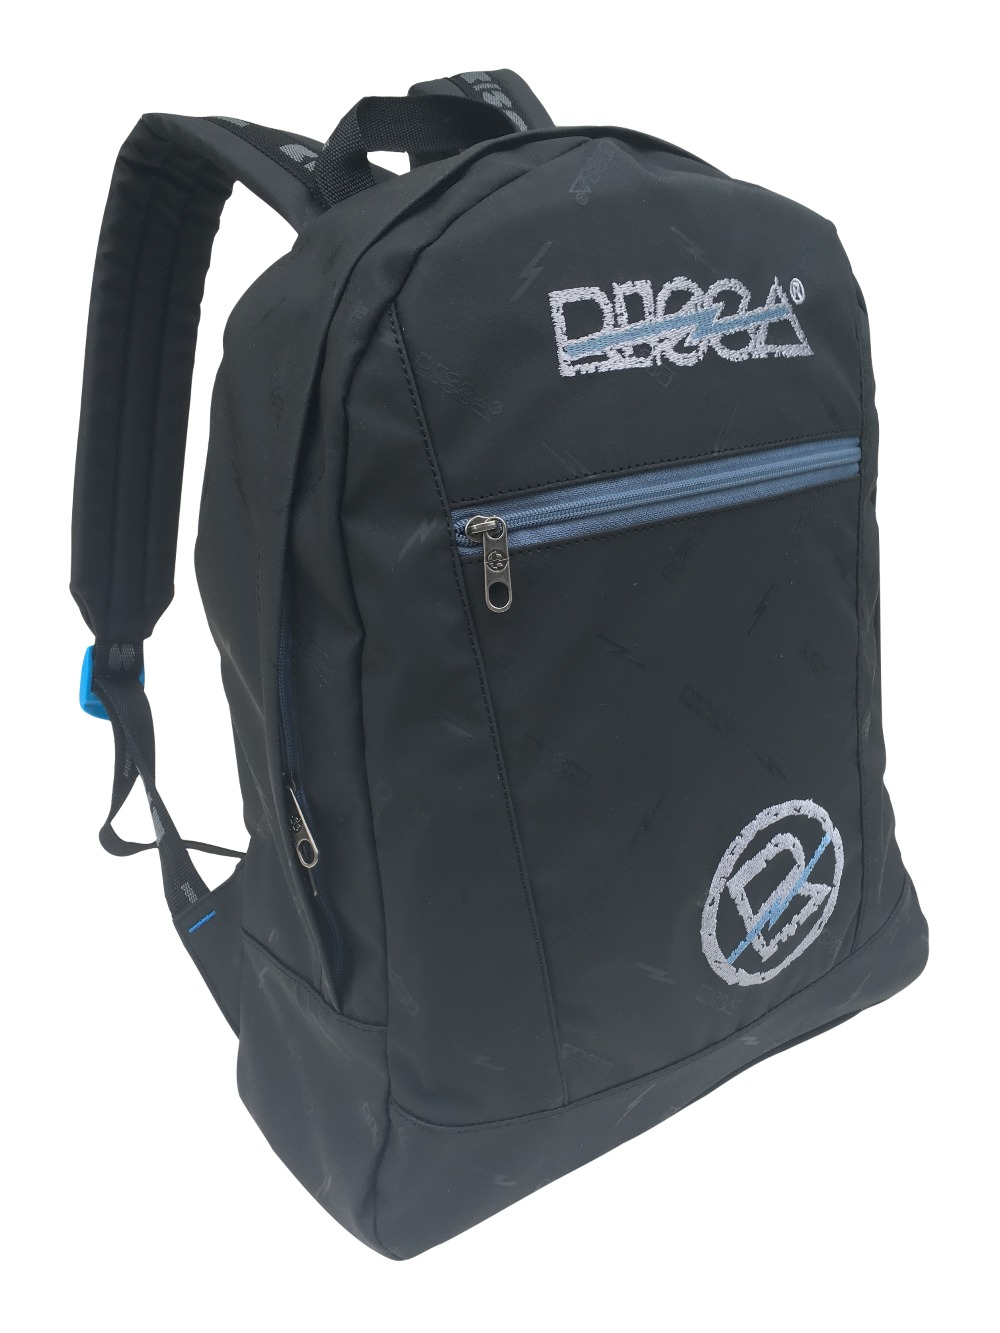 Mochila Risca 9003 - Preto/Azul Jeans